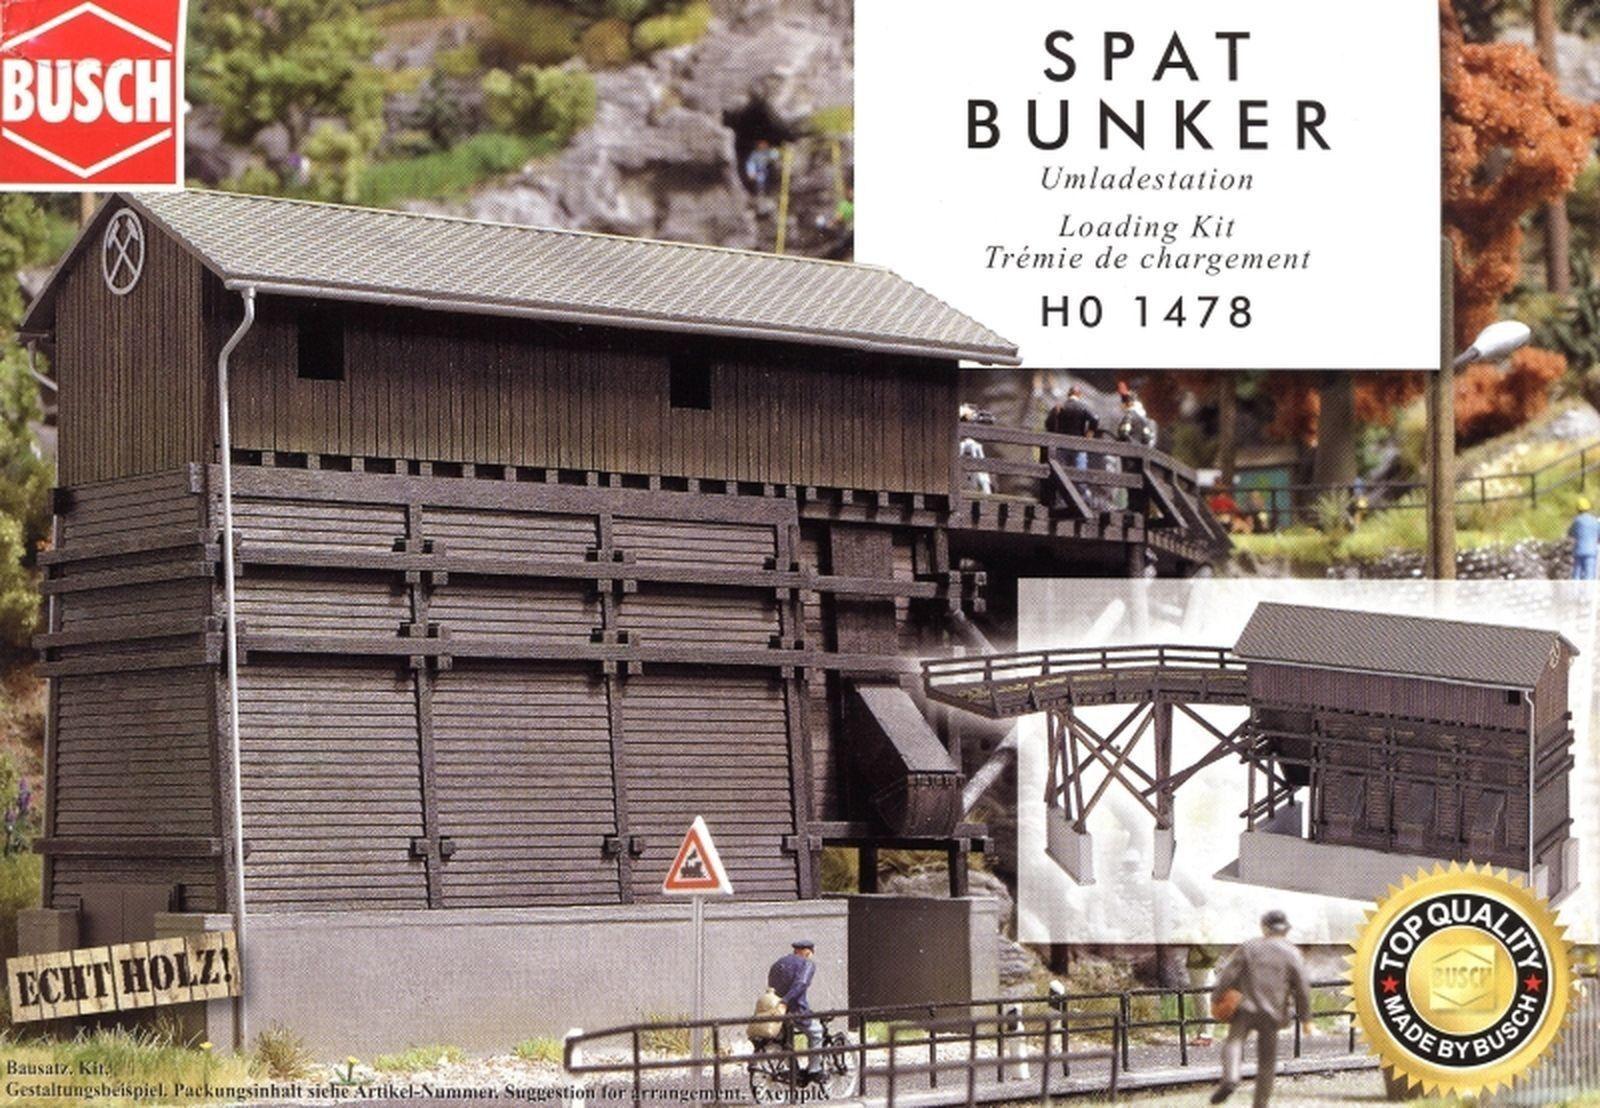 Busch H0 1478 Spat Bunker    Umladestation, Echt Holz Bausatz    Ausgezeichnet (in) Qualität